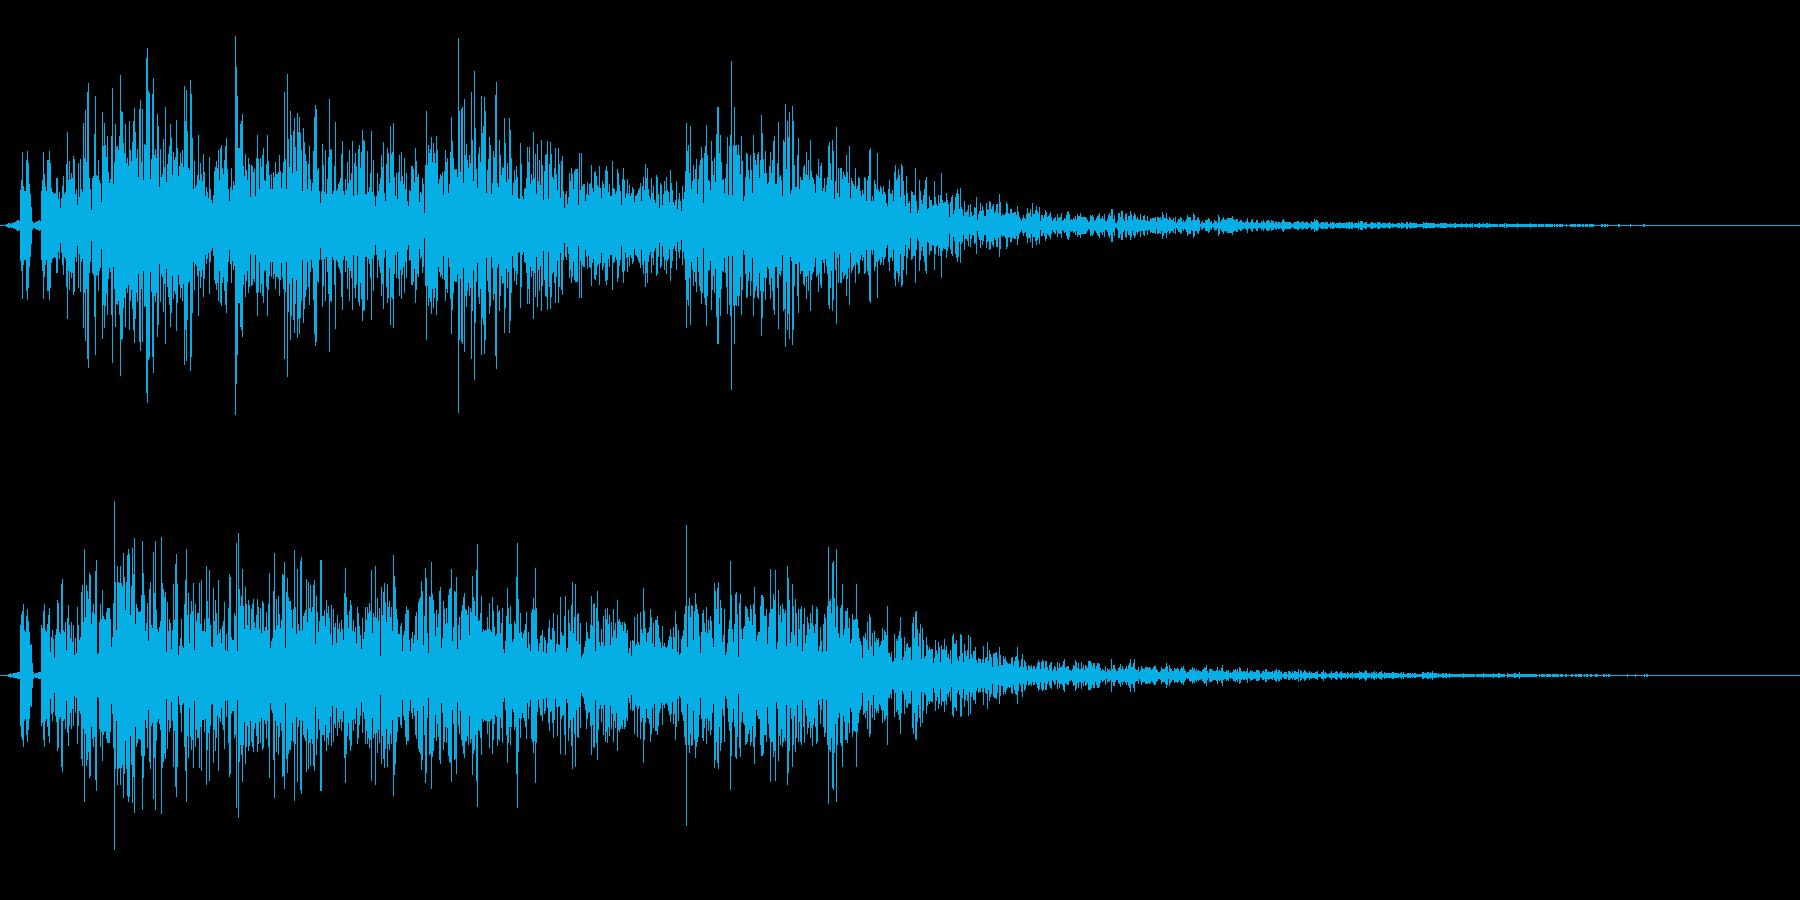 ドンパァ〜!本当にリアルな花火の効果音3の再生済みの波形